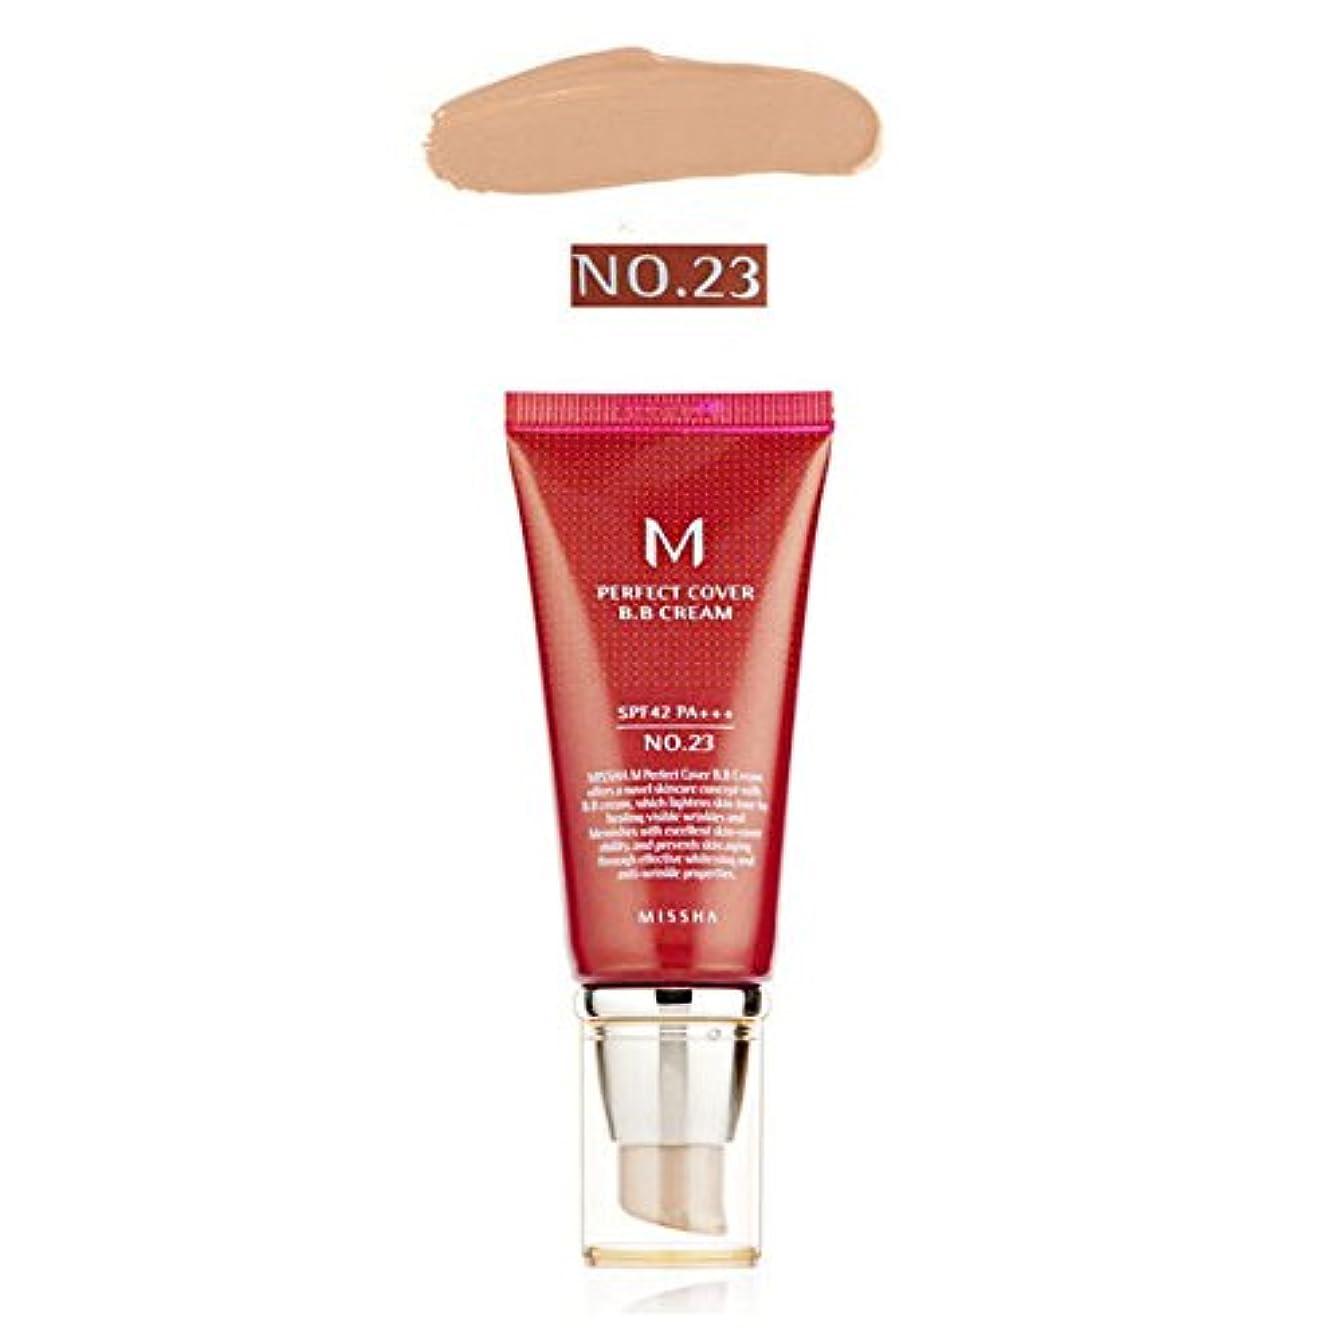 振動させるドーム達成可能[ミシャ] MISSHA [M パーフェクト カバー BBクリーム 21号 / 23号50ml] (M Perfect Cover BB cream 21号 / 23号 50ml) SPF42 PA+++ (Type2...